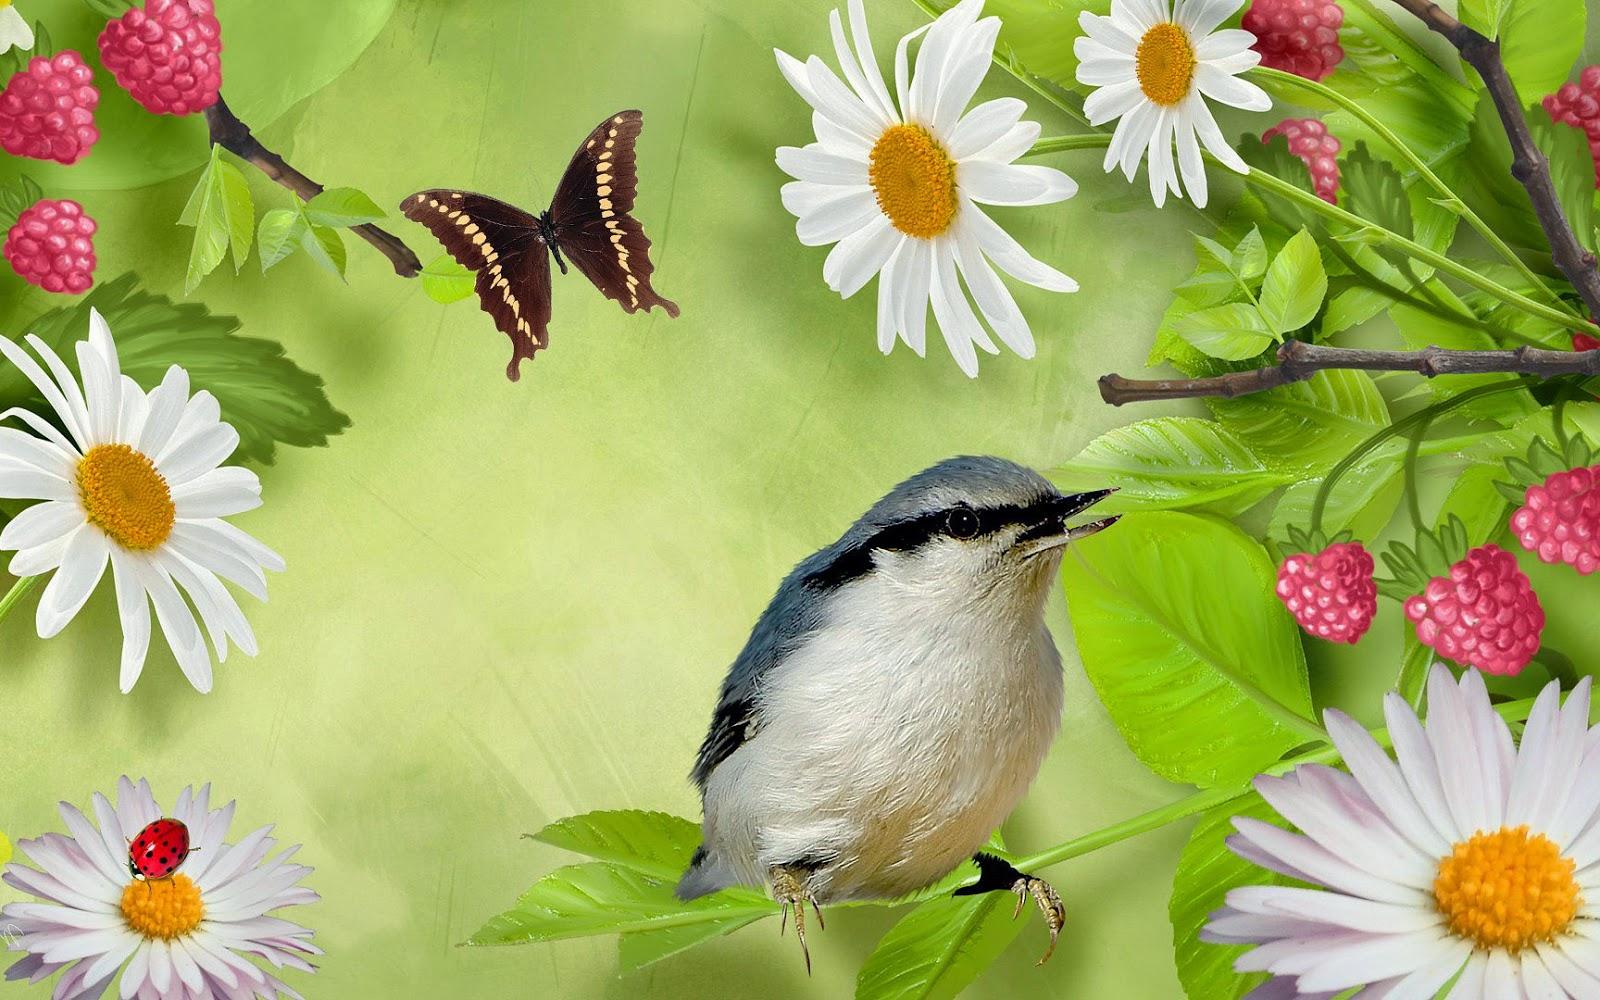 Zomer foto met vogel, vlinder en bloemen